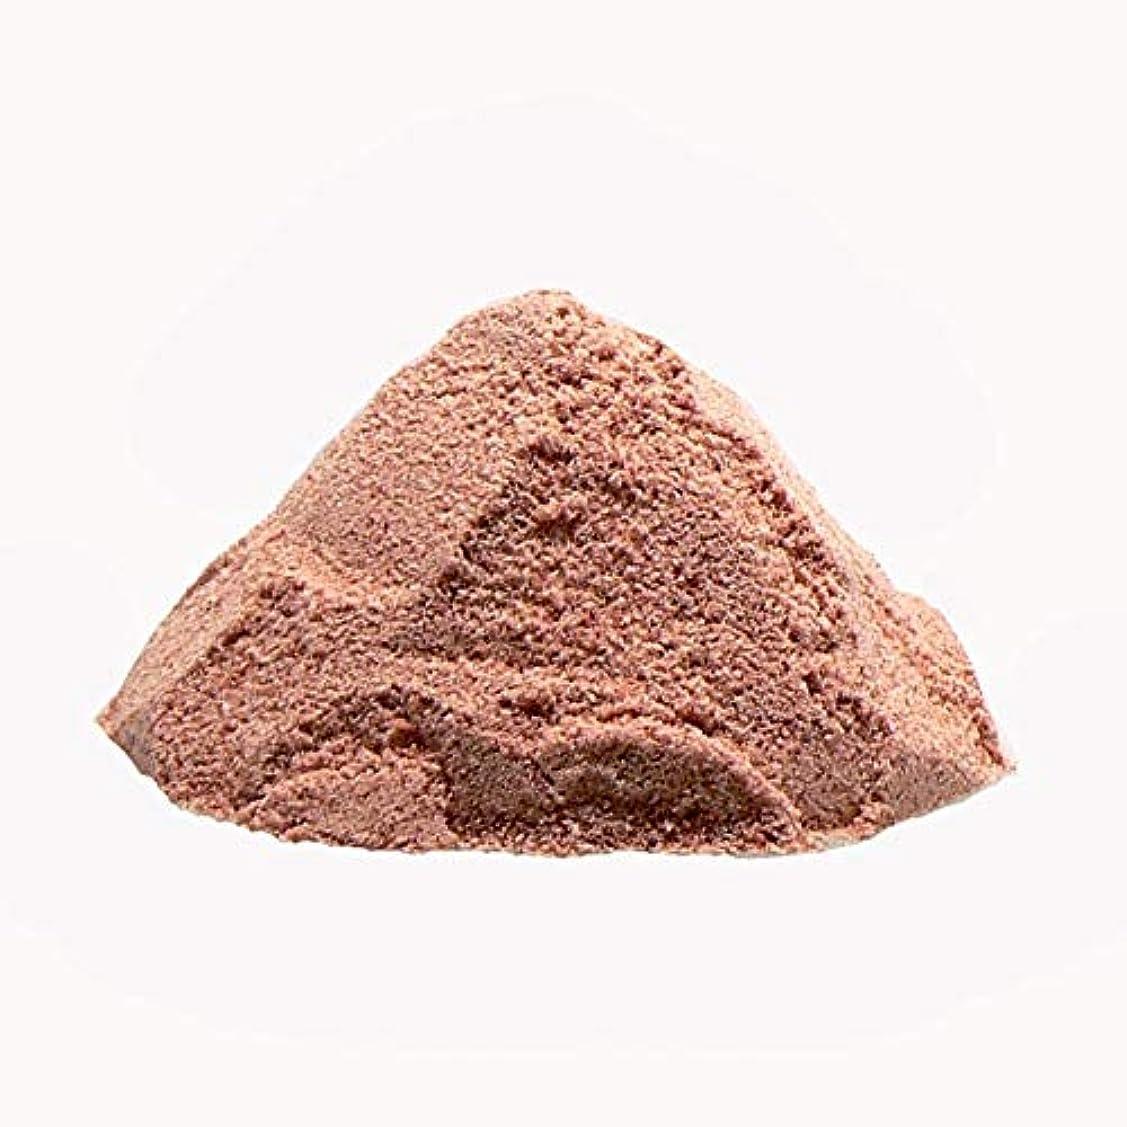 失効ブランド遡るヒマラヤ岩塩 プレミアム ルビーソルト バスソルト(パウダー)ネパール産 ルビー岩塩 (600g×2個セット)